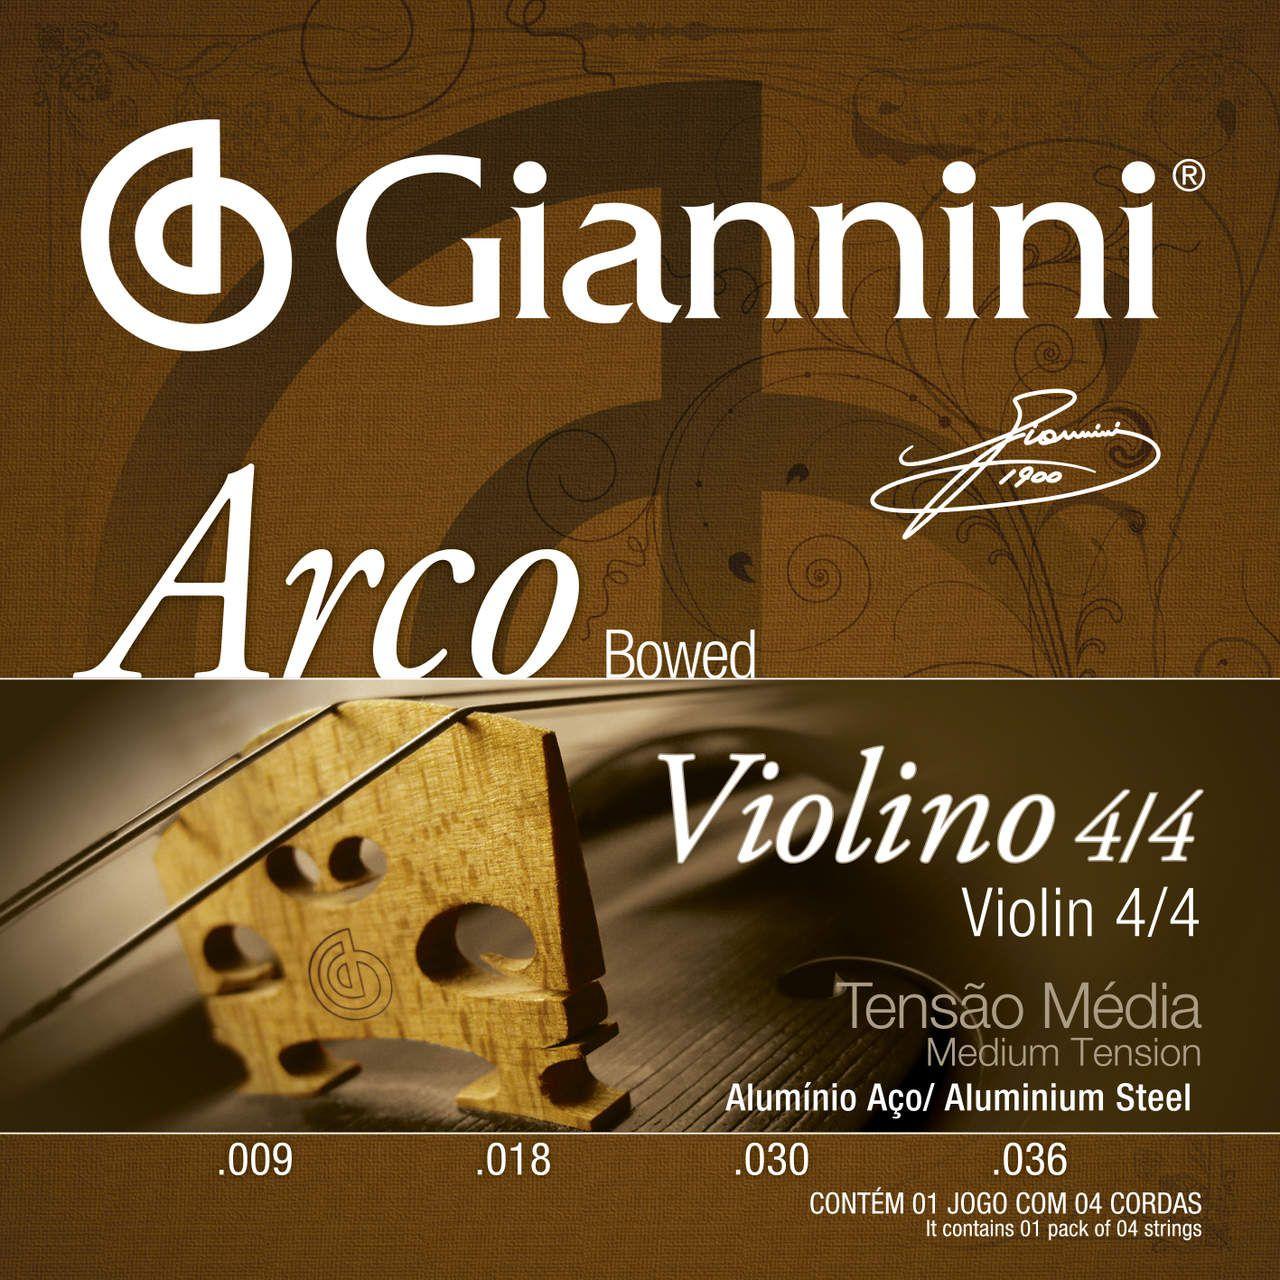 Encordoamento p/Violino Giannini 4/4 ALUMINIO - GEAVVA